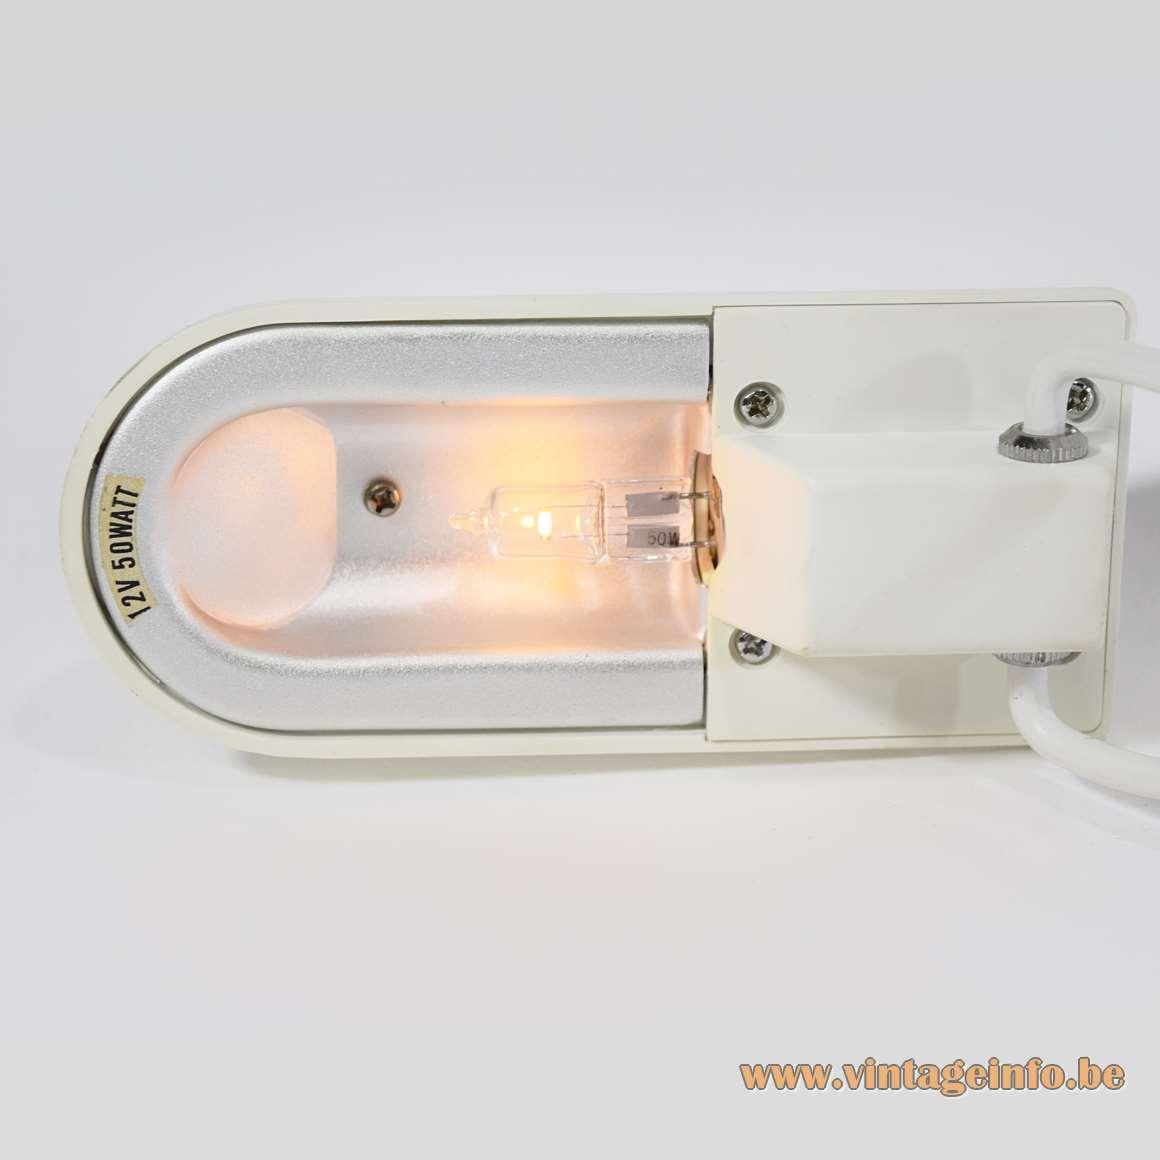 Memphis Style Table Lamp - 12V - 50 Watt Bulb